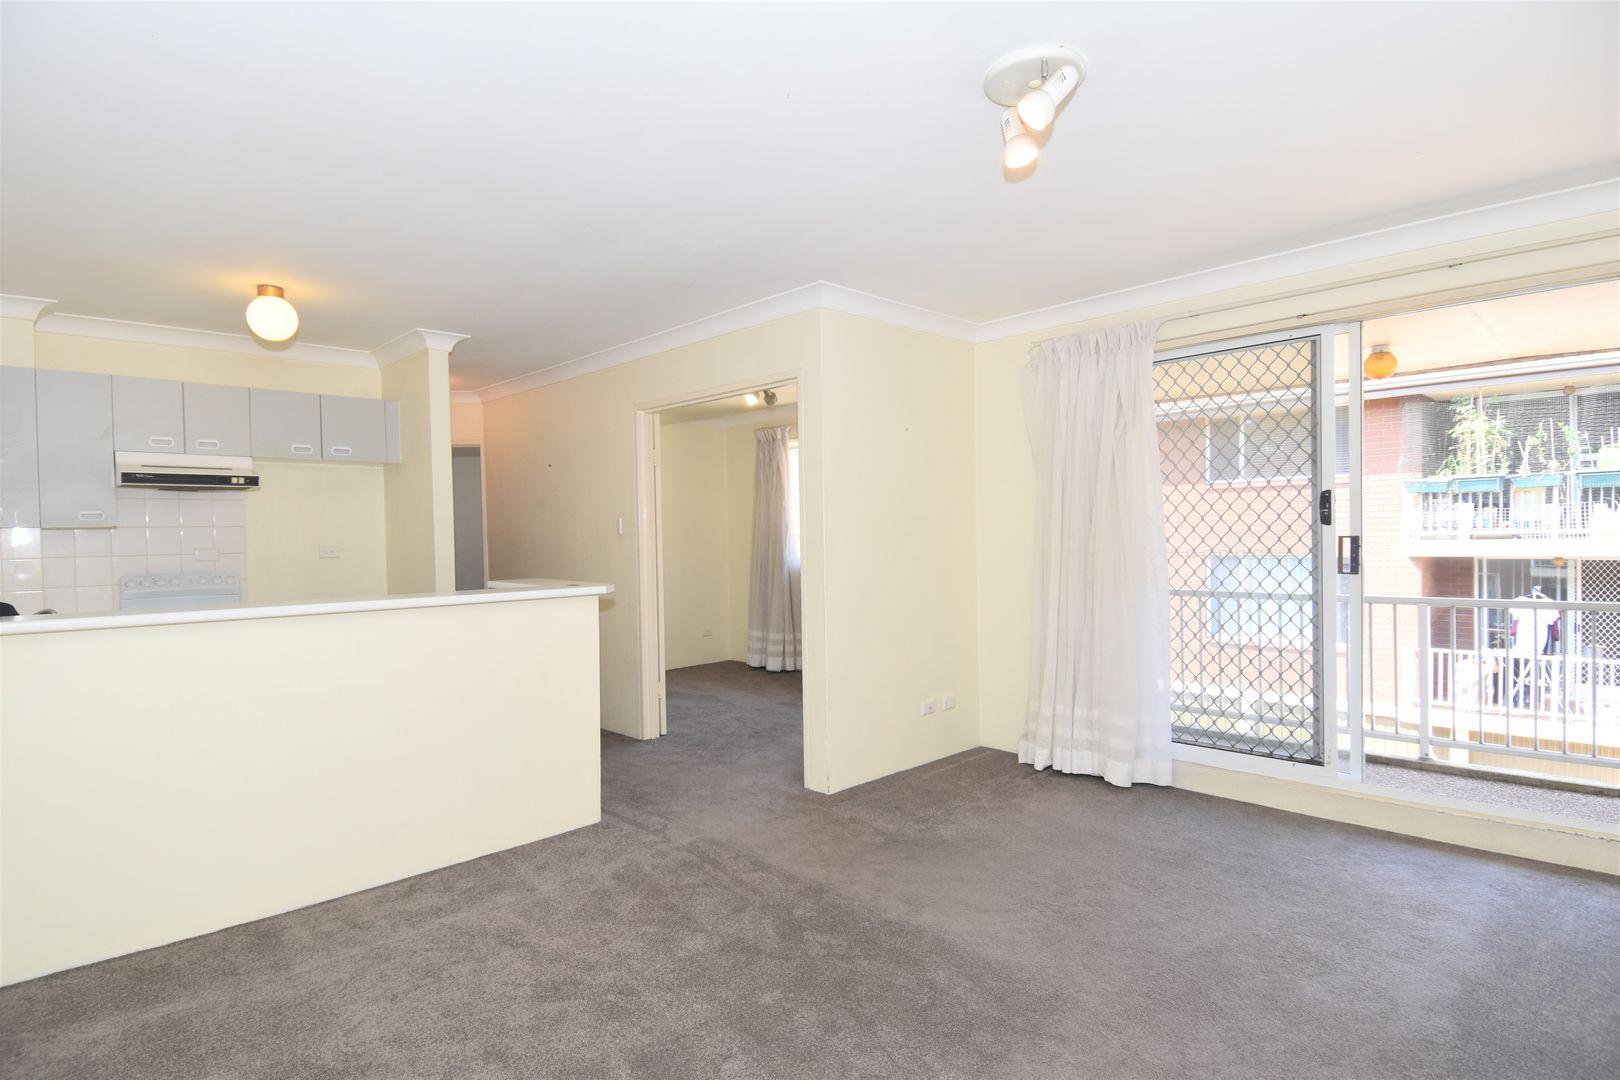 37/54 Glencoe Street, Sutherland NSW 2232, Image 1